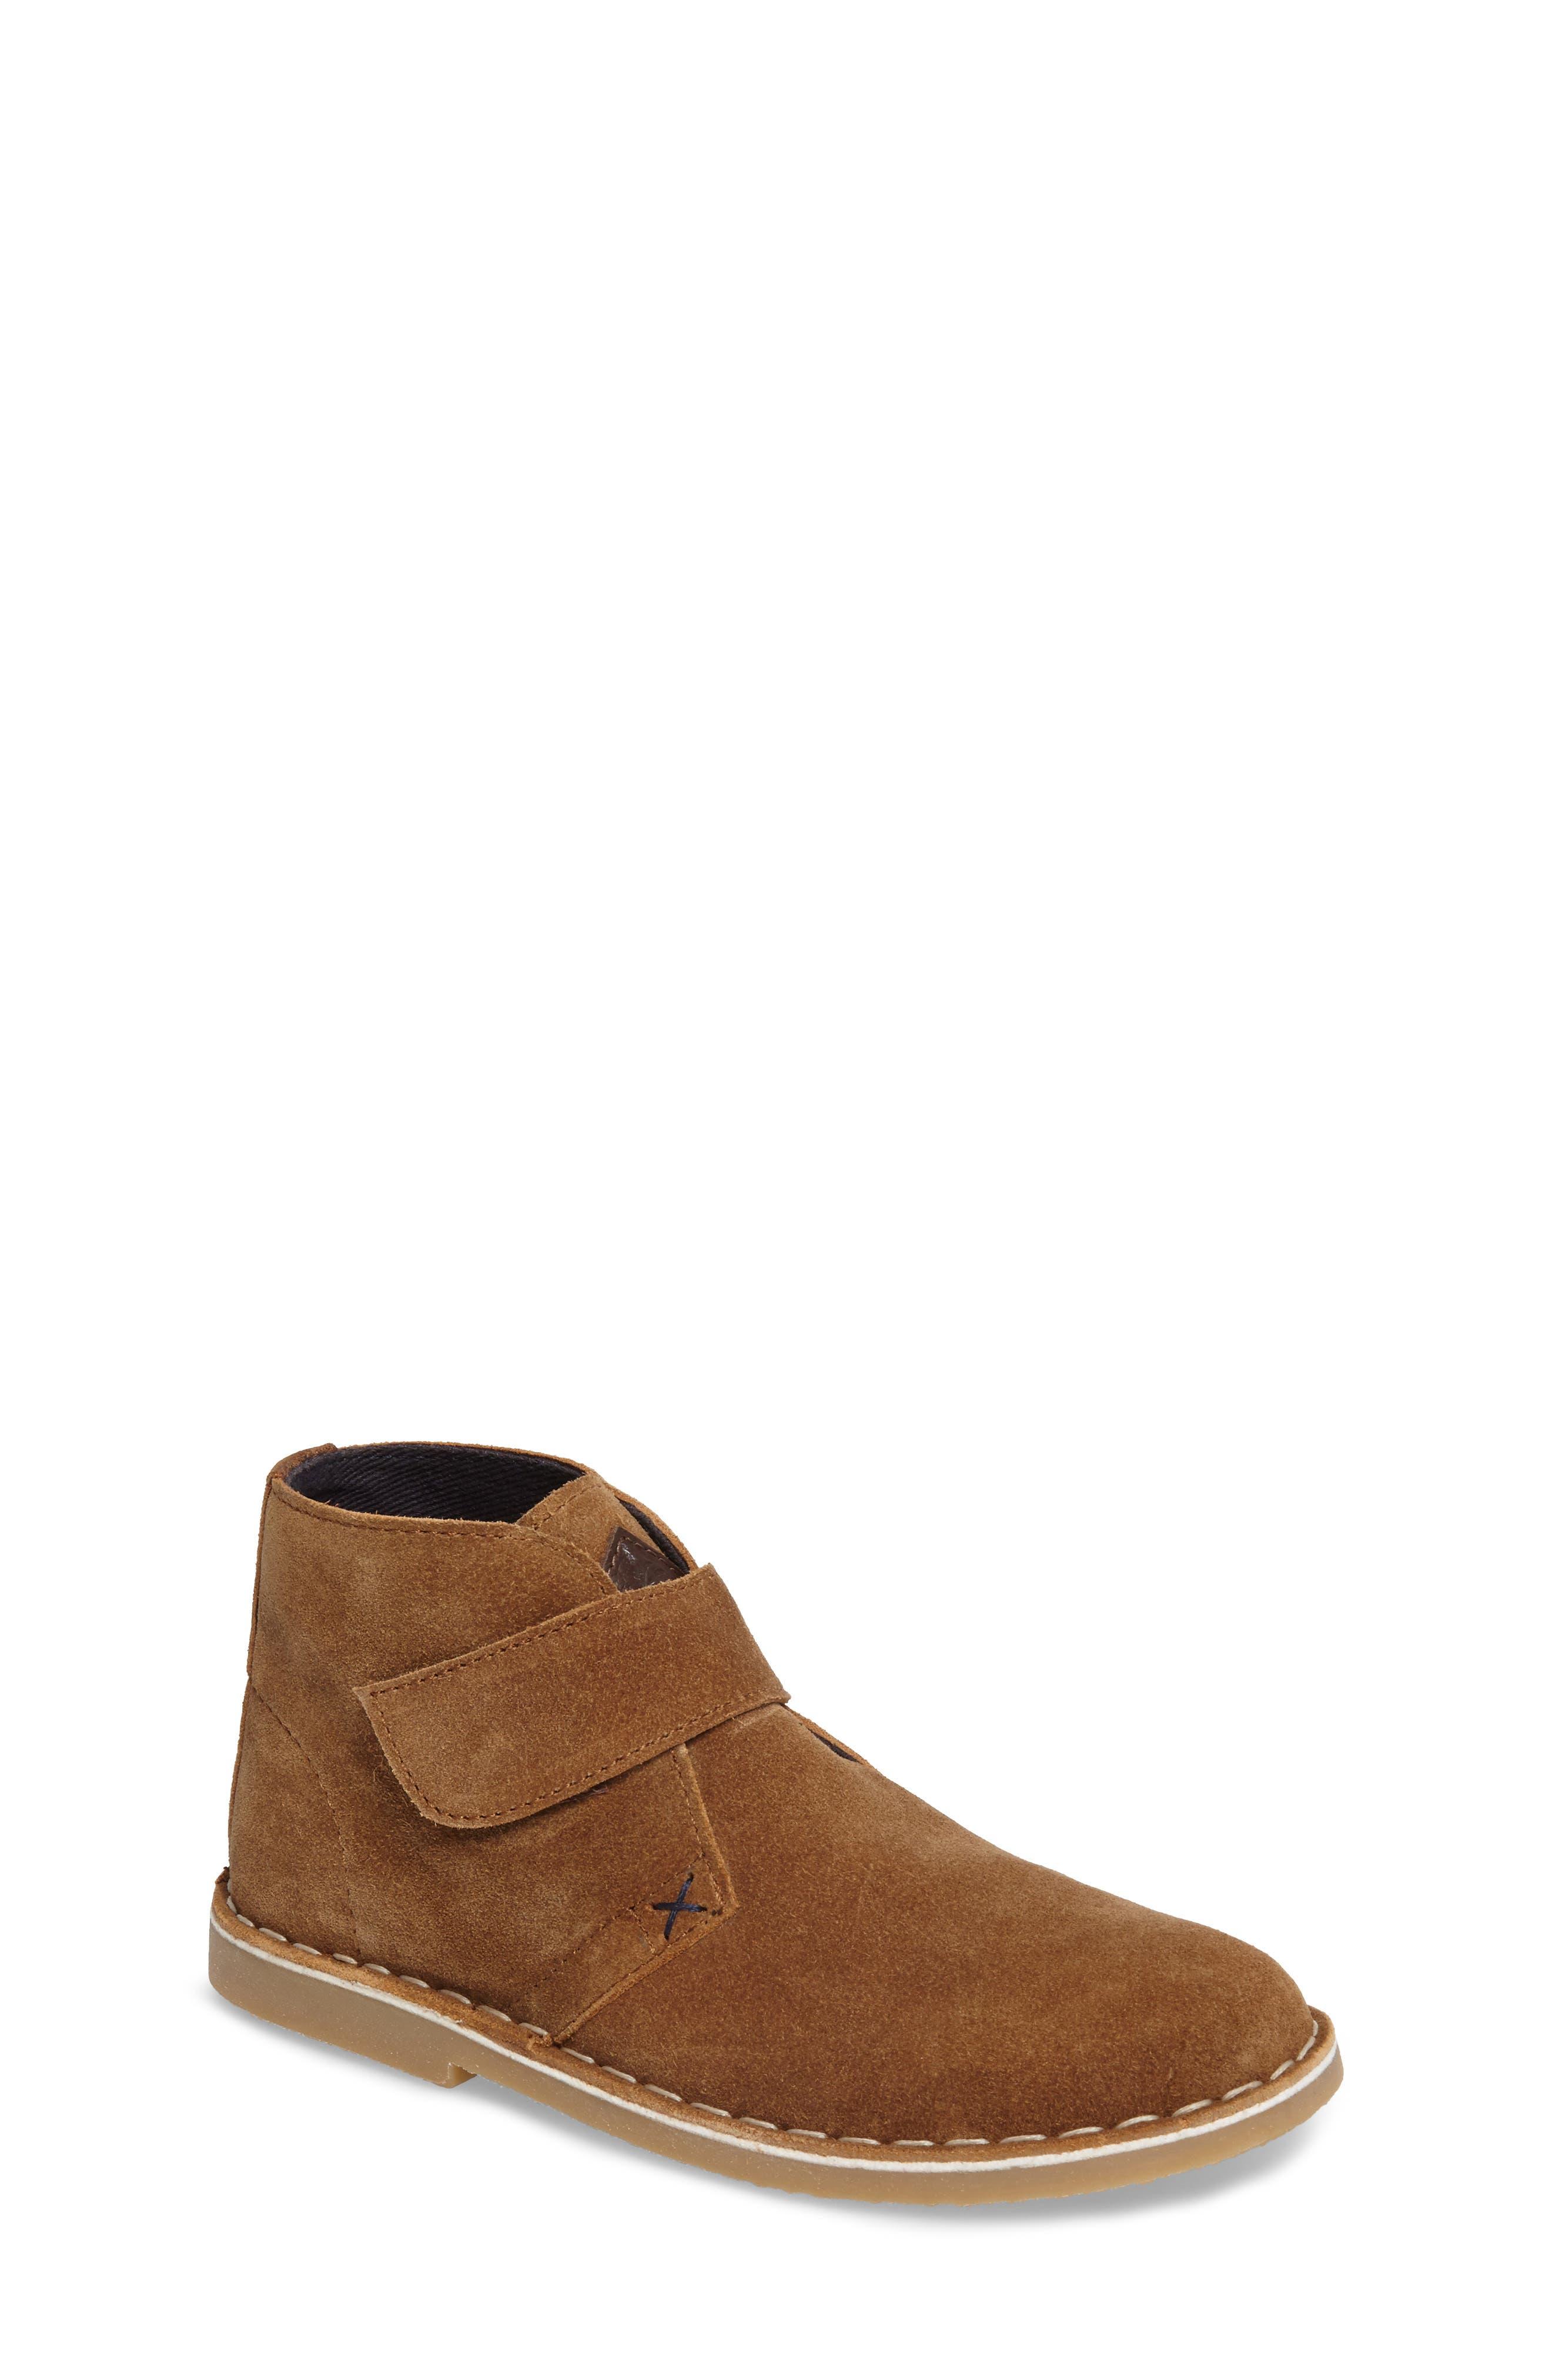 Barkby Front Strap Chukka Boot,                             Main thumbnail 1, color,                             Sand